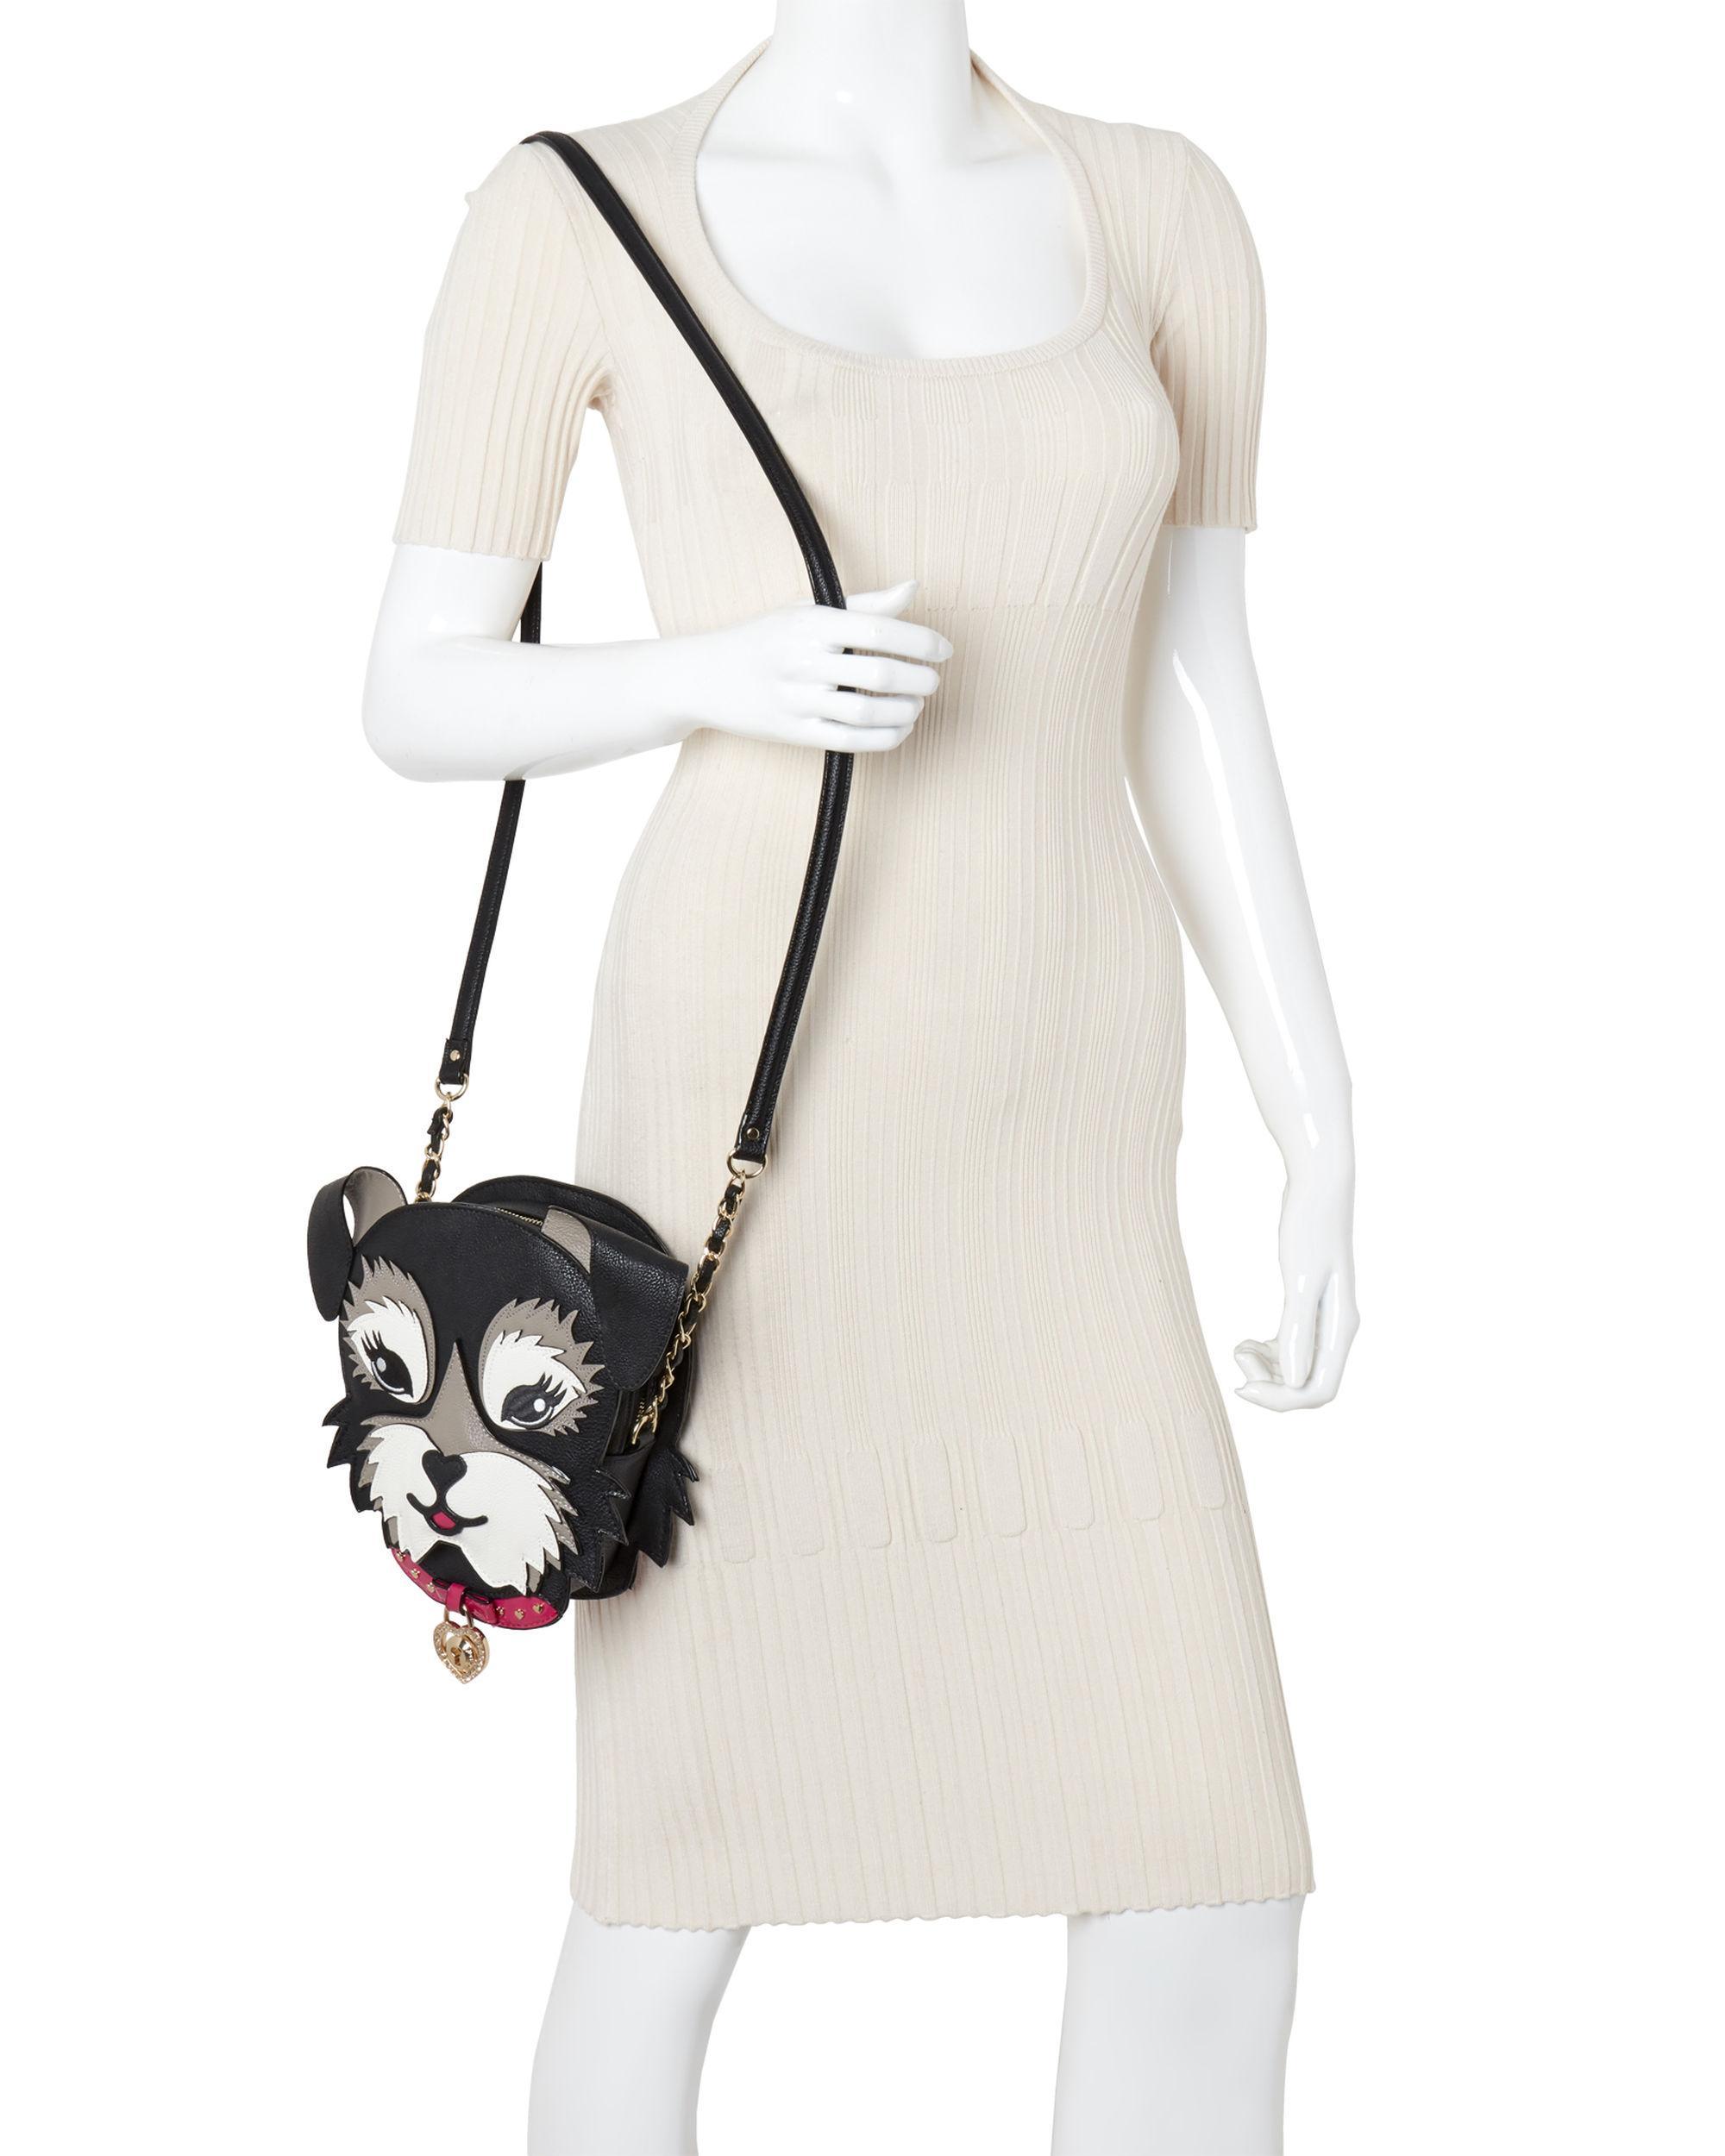 Betsey Johnson Black Kitch Fuzzy The Dog Crossbody Bag